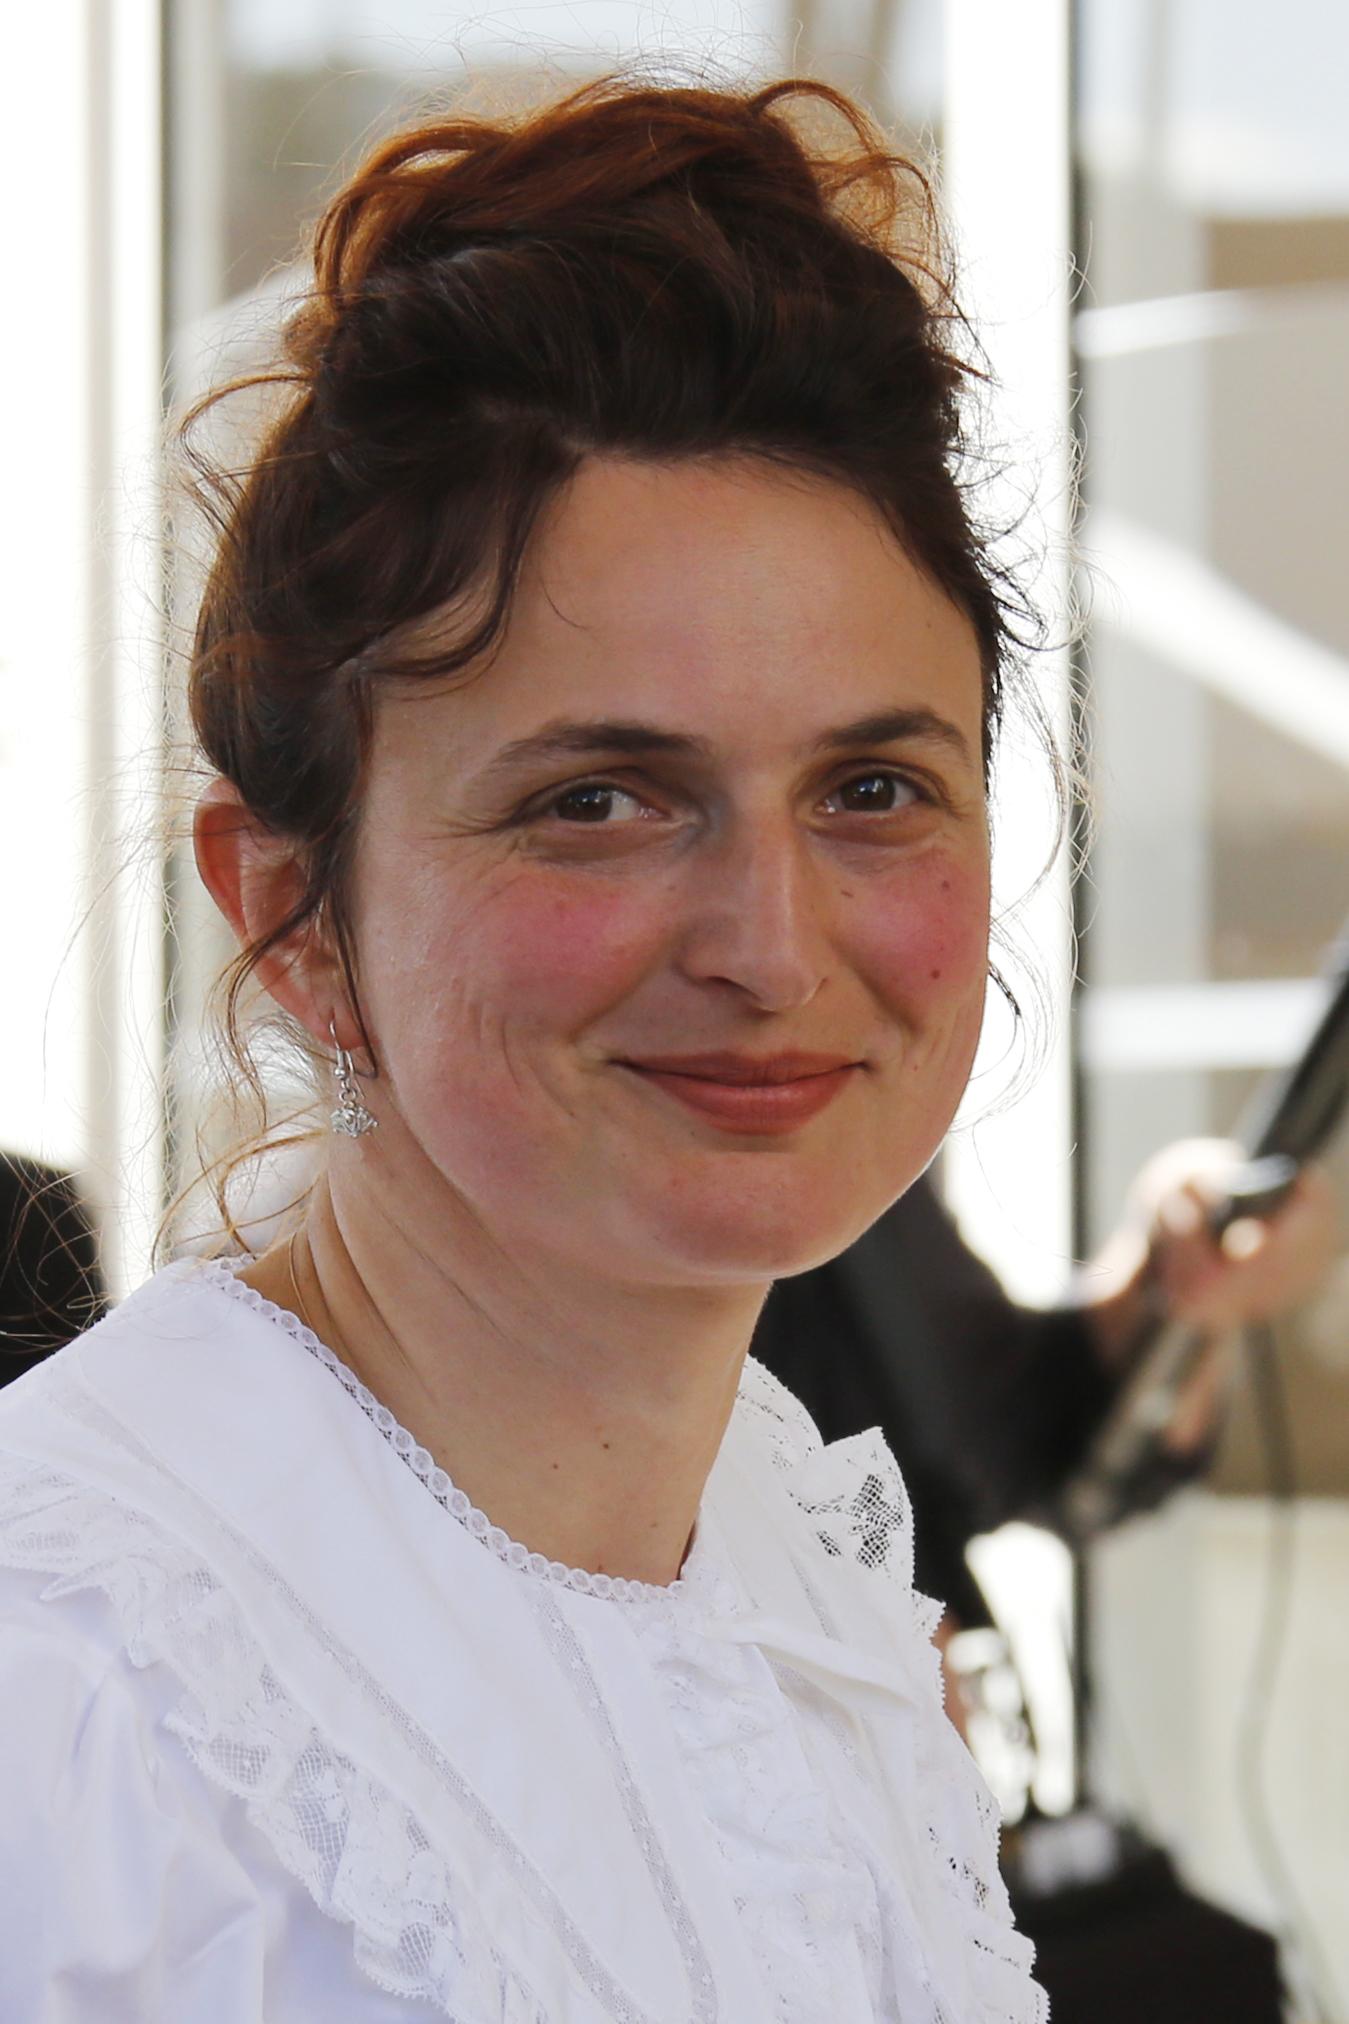 عضو لجنة التحكيم بالمهرجان آليس روهراوشر